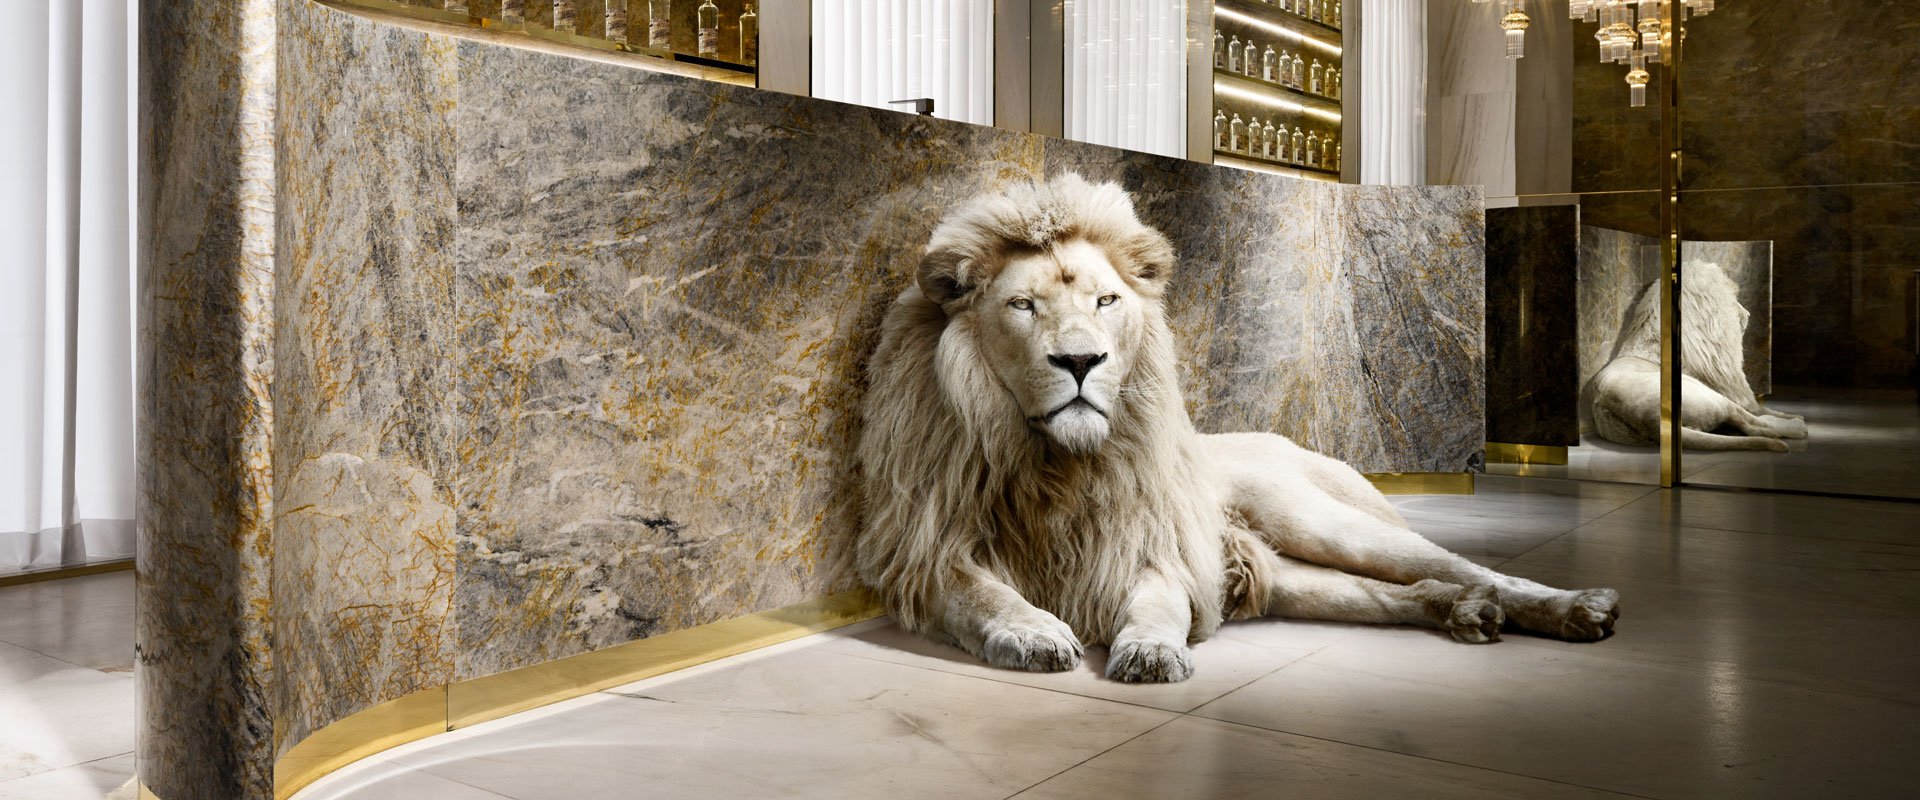 u01_22566_lion